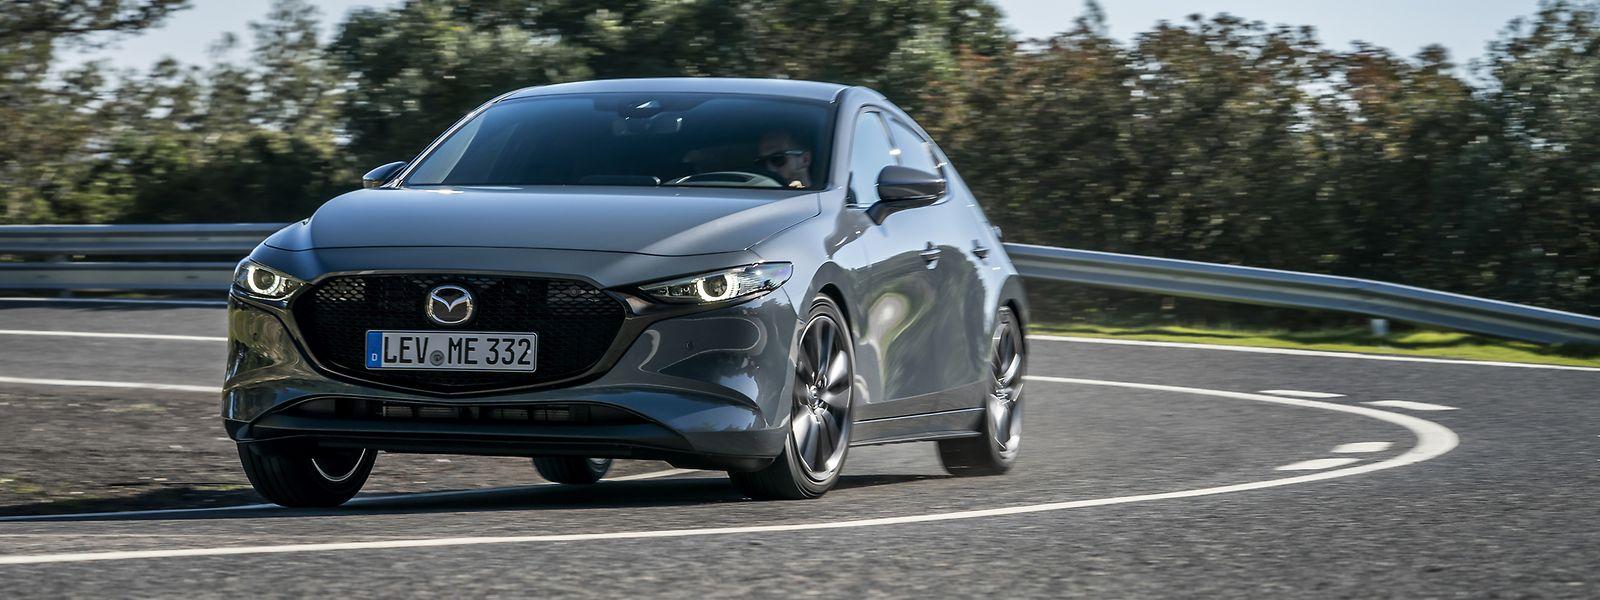 Die sogenannte Kodo-Designsprache verleiht dem neuen Mazda3 einen durchaus sportlichen Auftritt.